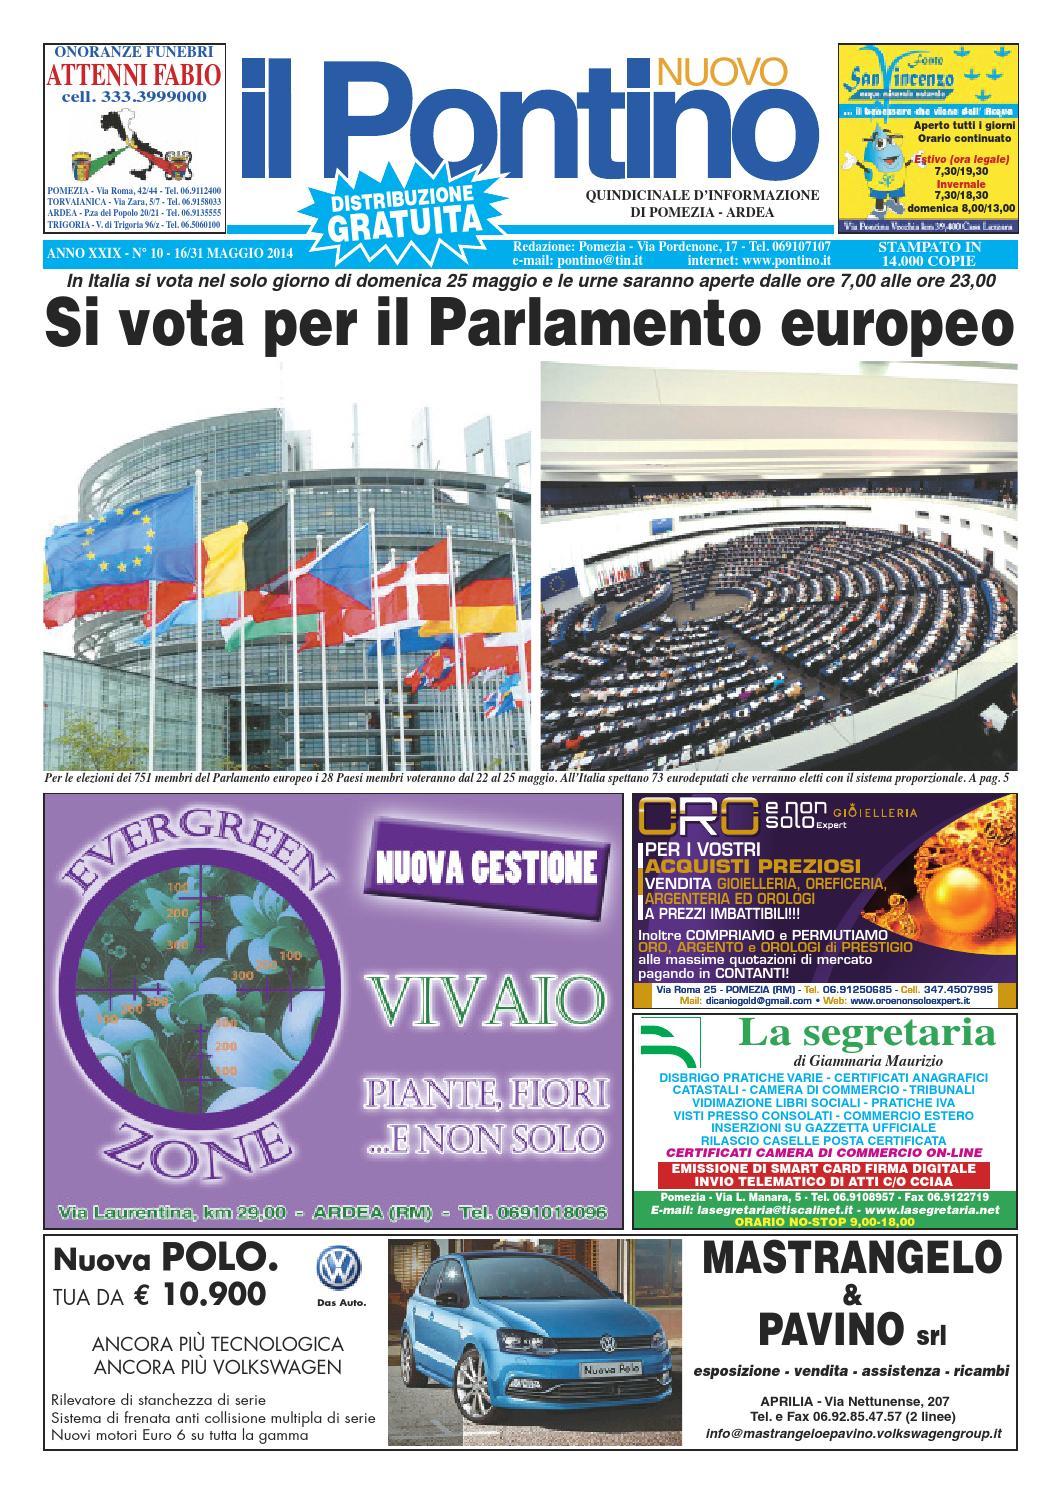 Il Pontino Nuovo n. 10 - 16 31 Maggio 2014 by Il Pontino Il Litorale - issuu faf19c7a809